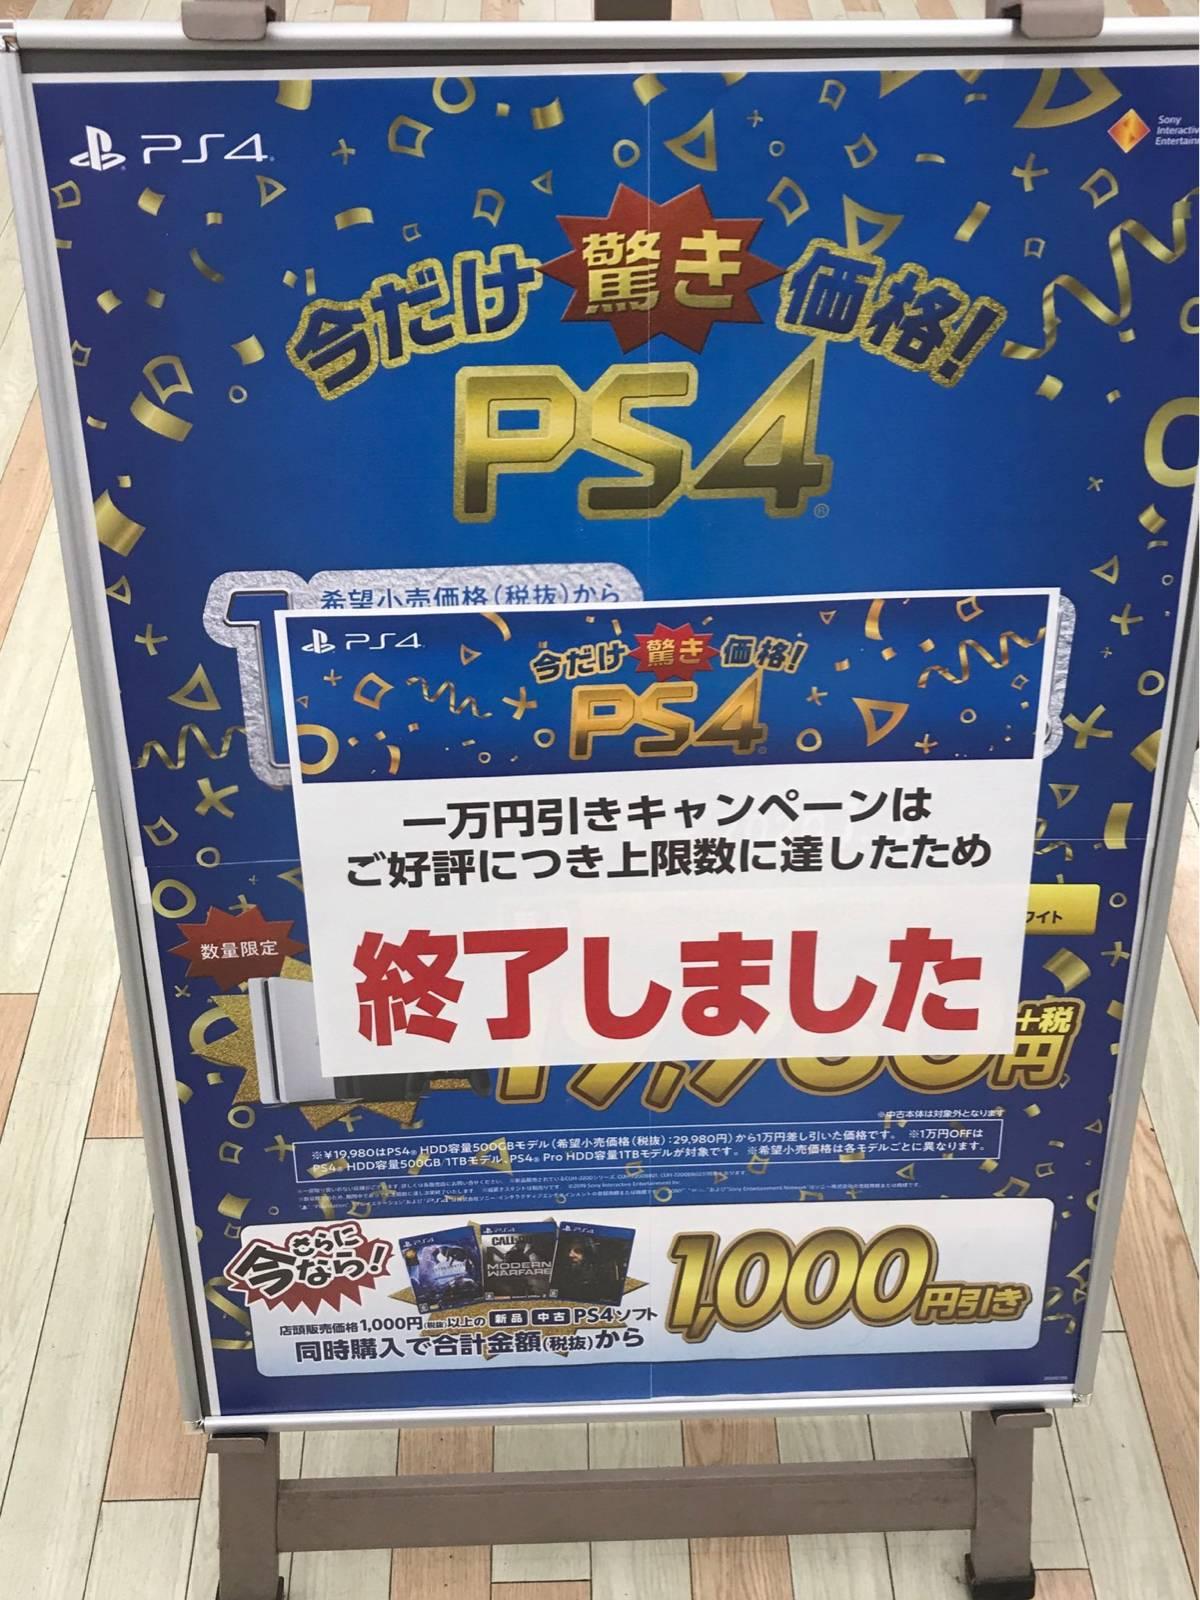 DmBsmL7 - PS4 1万引きキャンペーン在庫切れで続々終了してる件